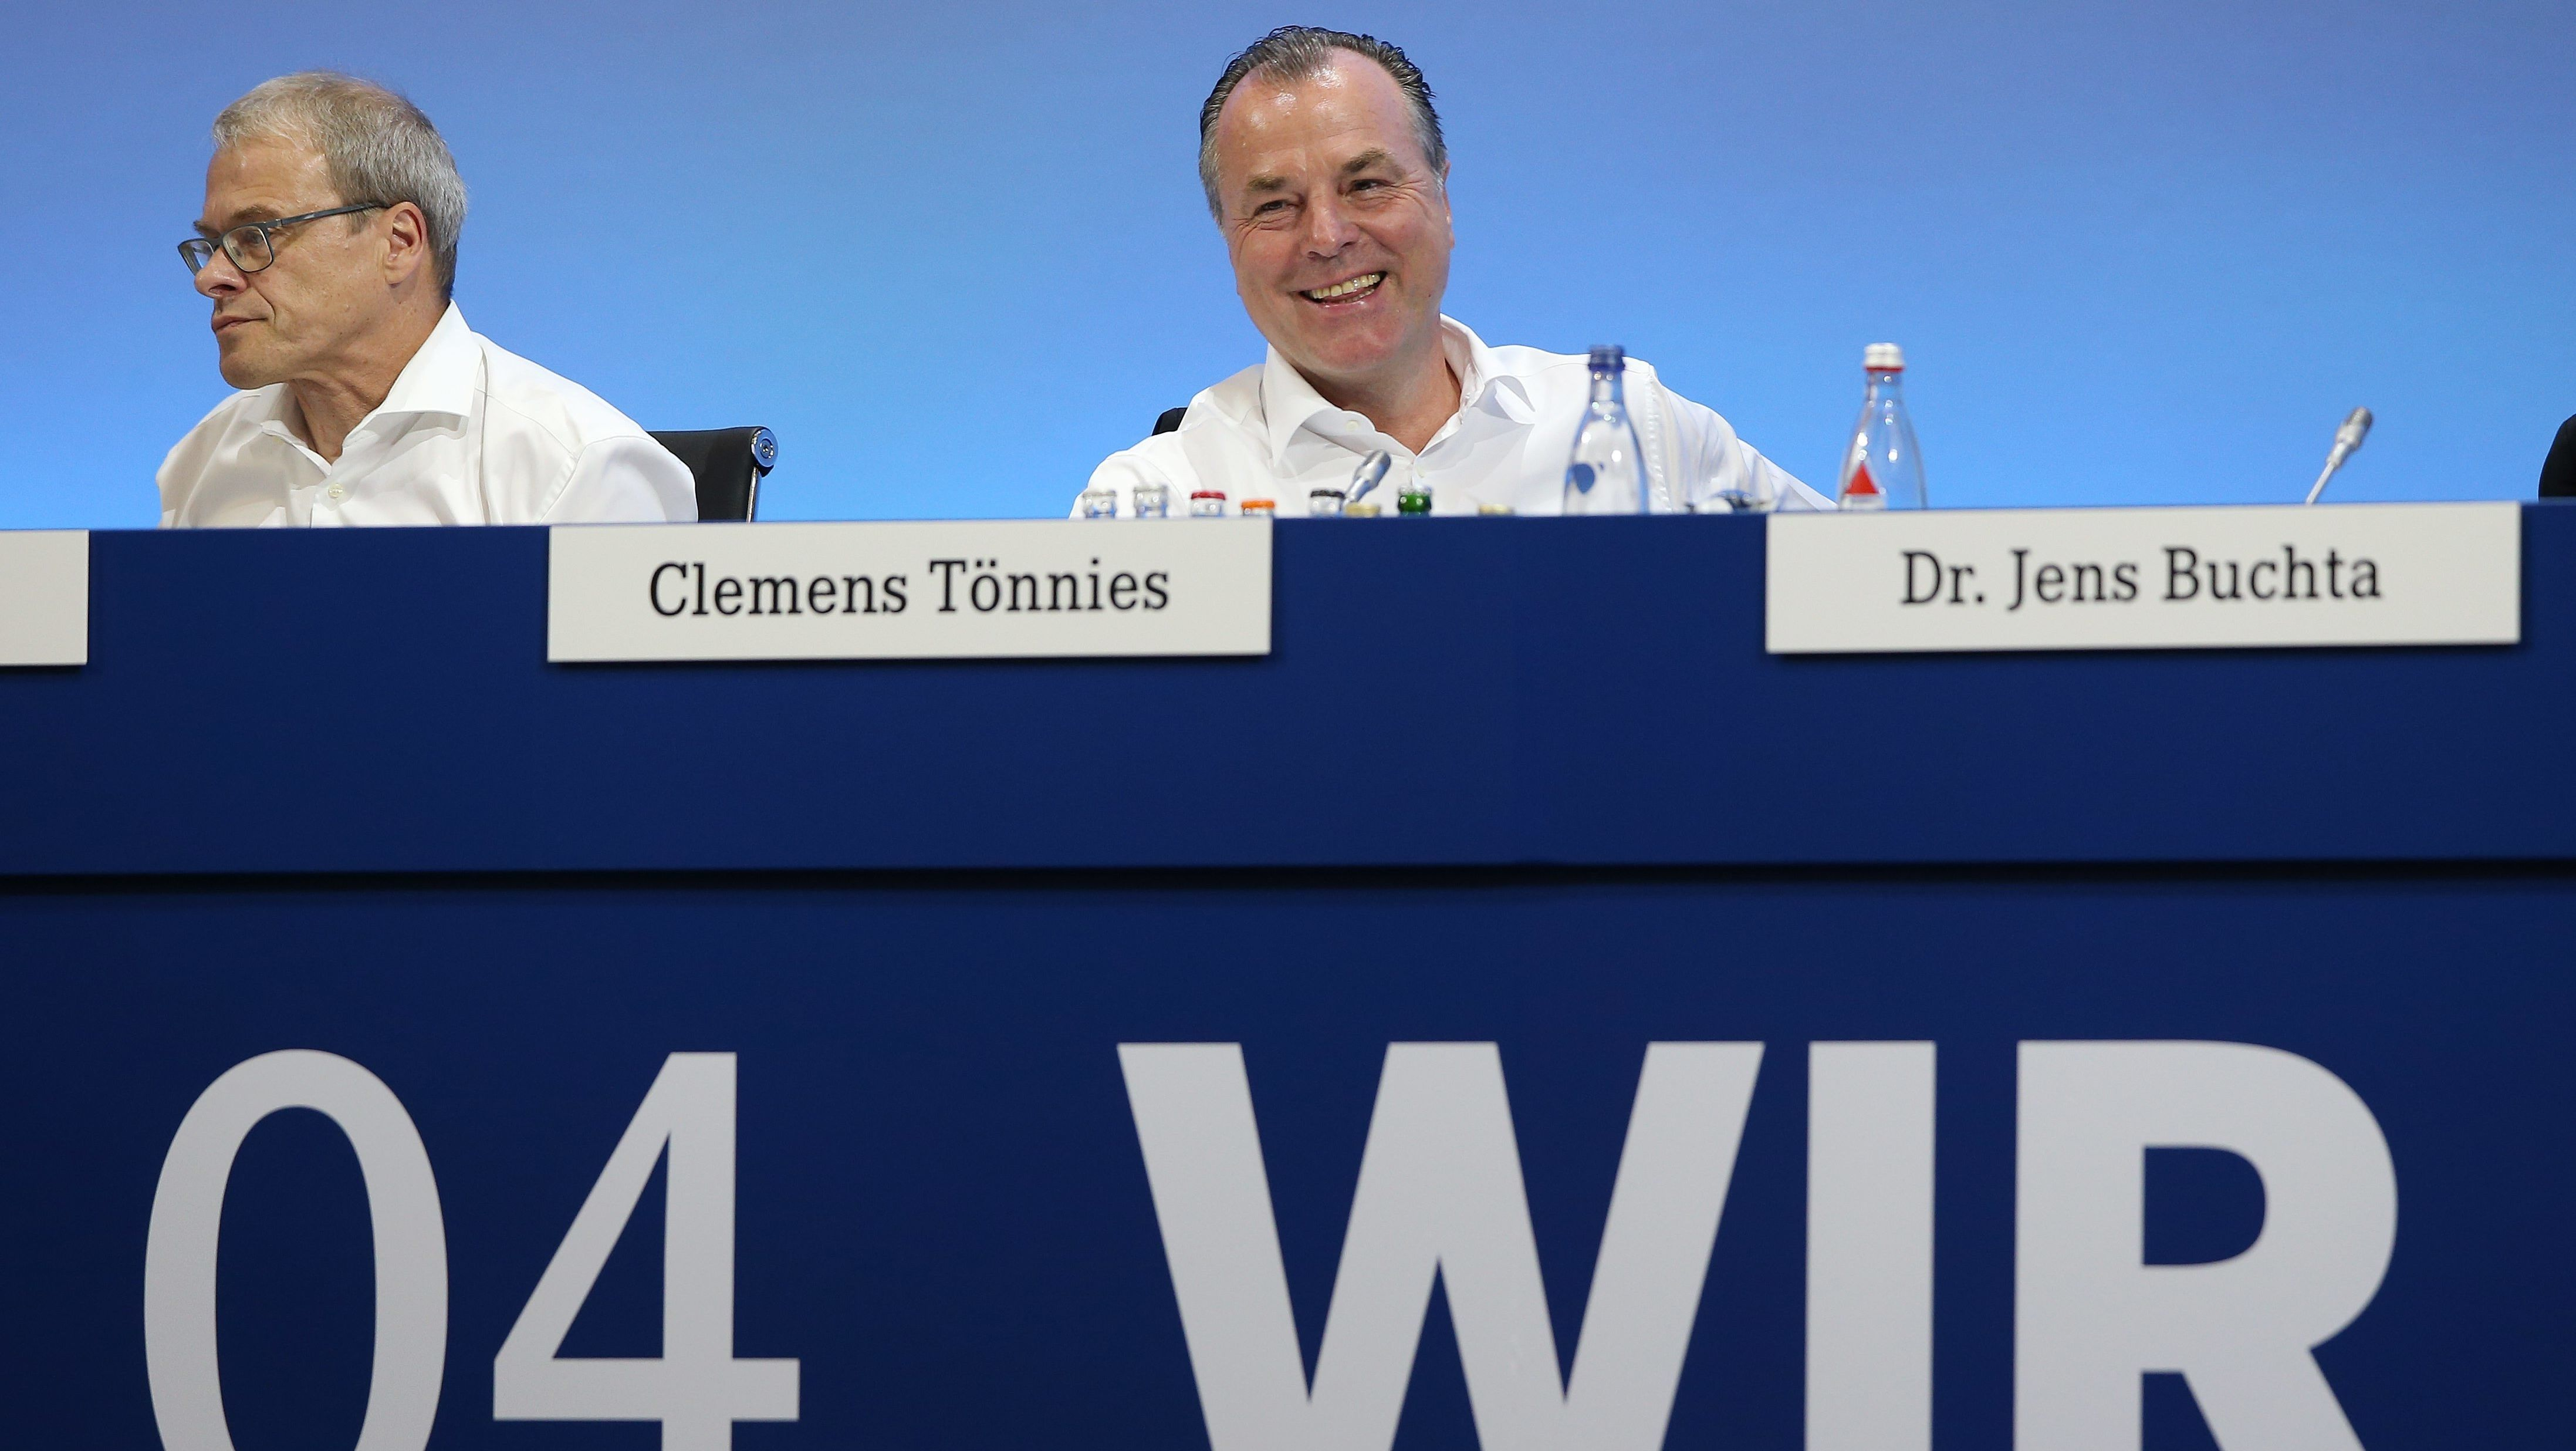 Clemens TÖNNIES,Vorsitzender des Aufsichtsrates FC Schalke 04